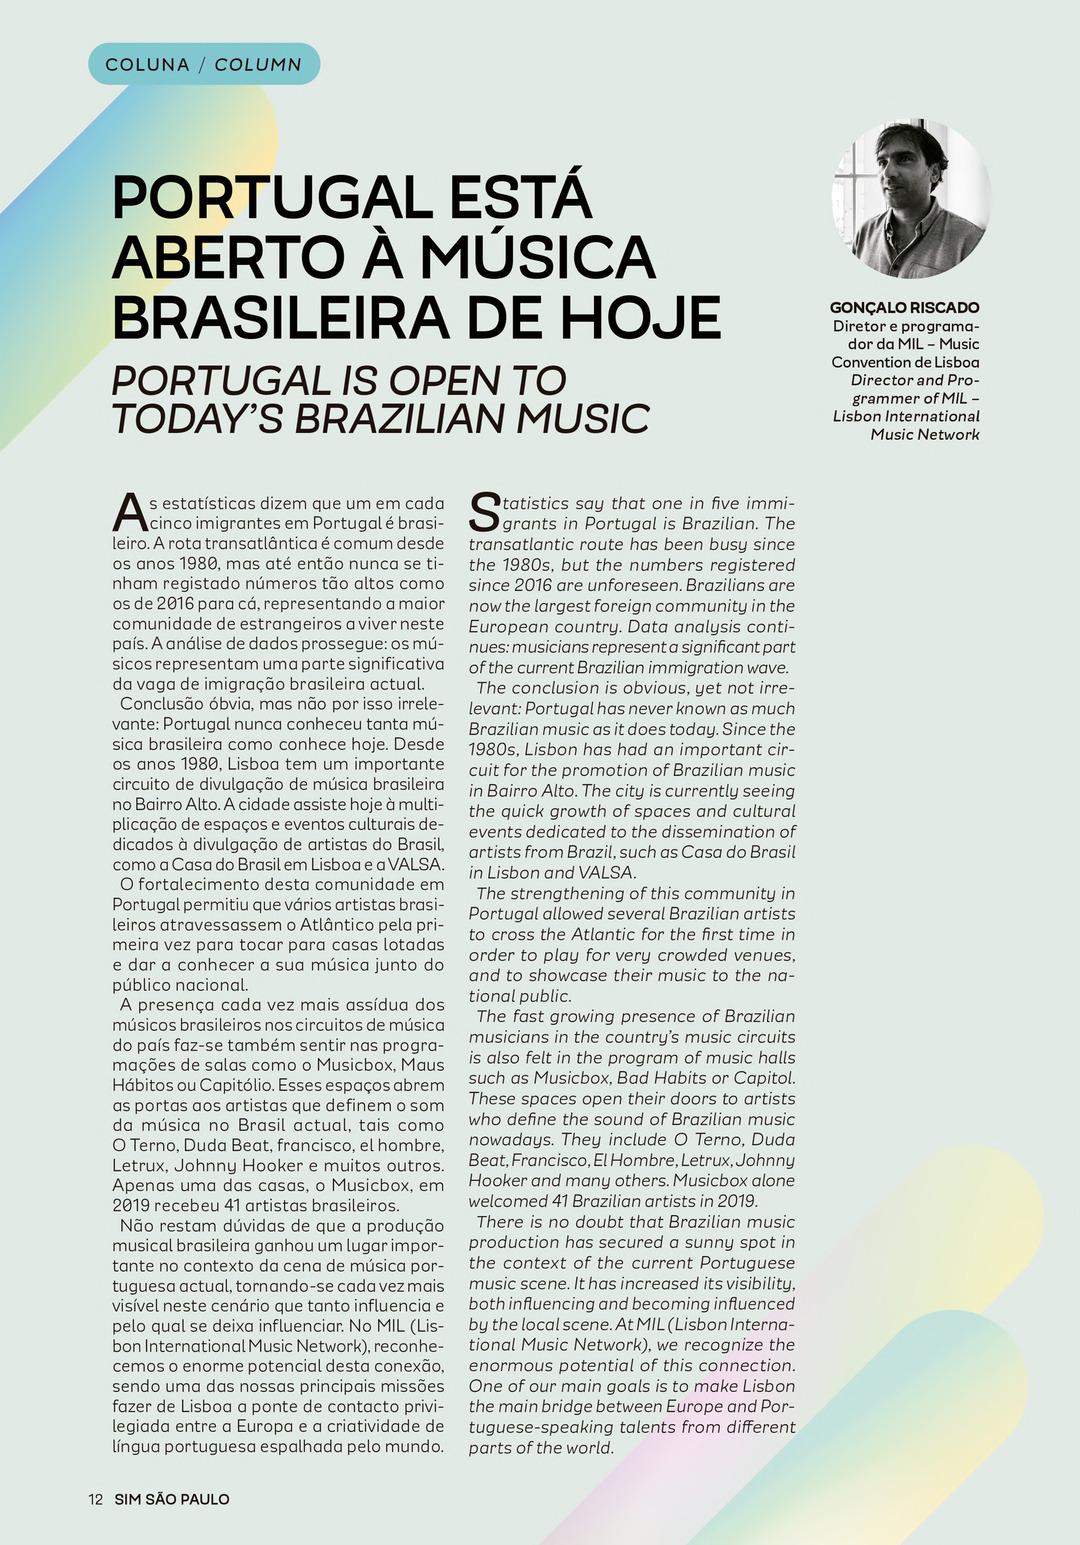 Page 12 of Coluna: Gonçalo Riscado